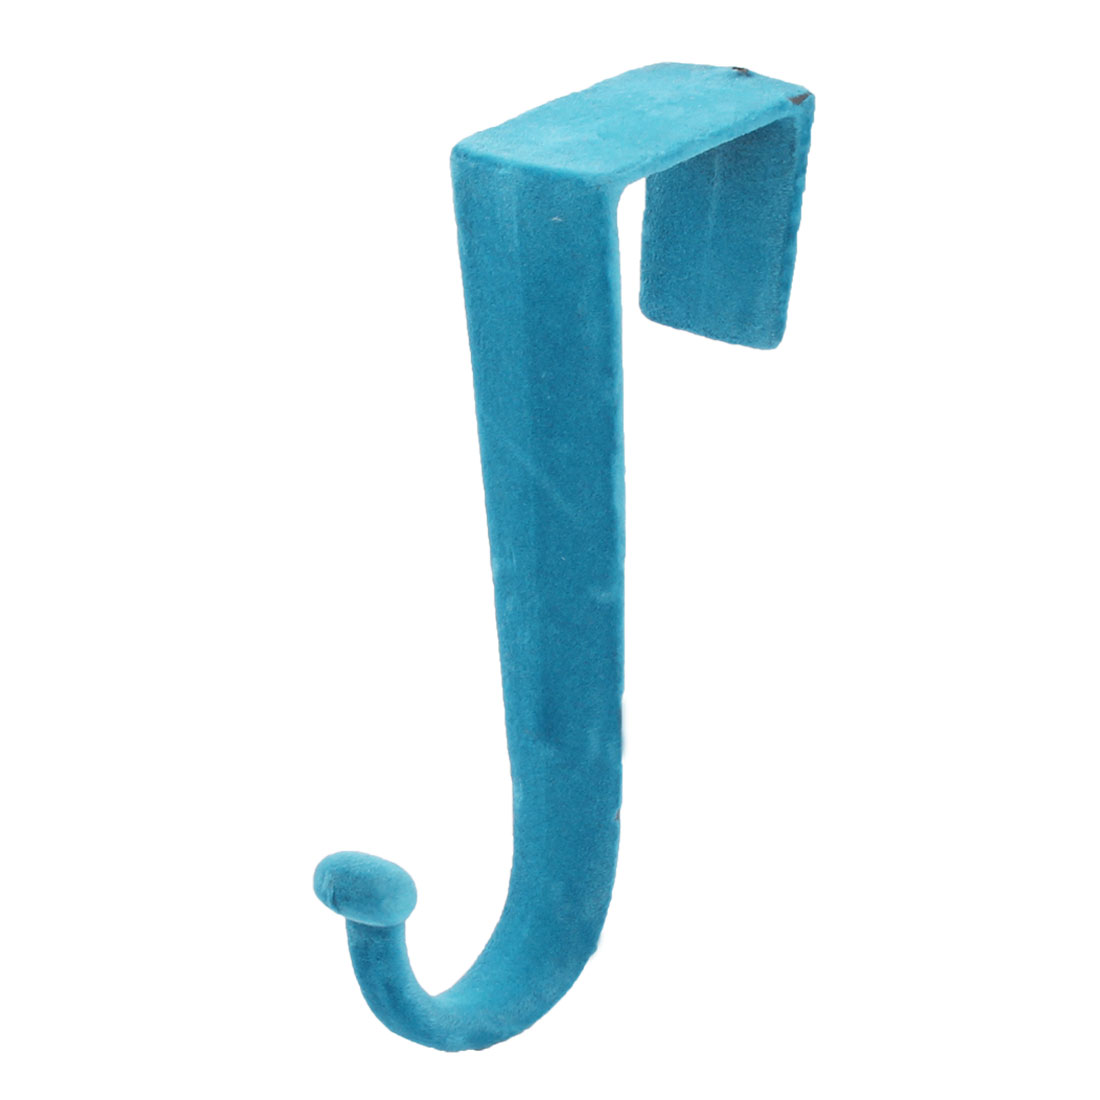 Household Bathroom Bedroom Door Metal Towel Clothes Coat Hanging Hanger Hook Teal Blue